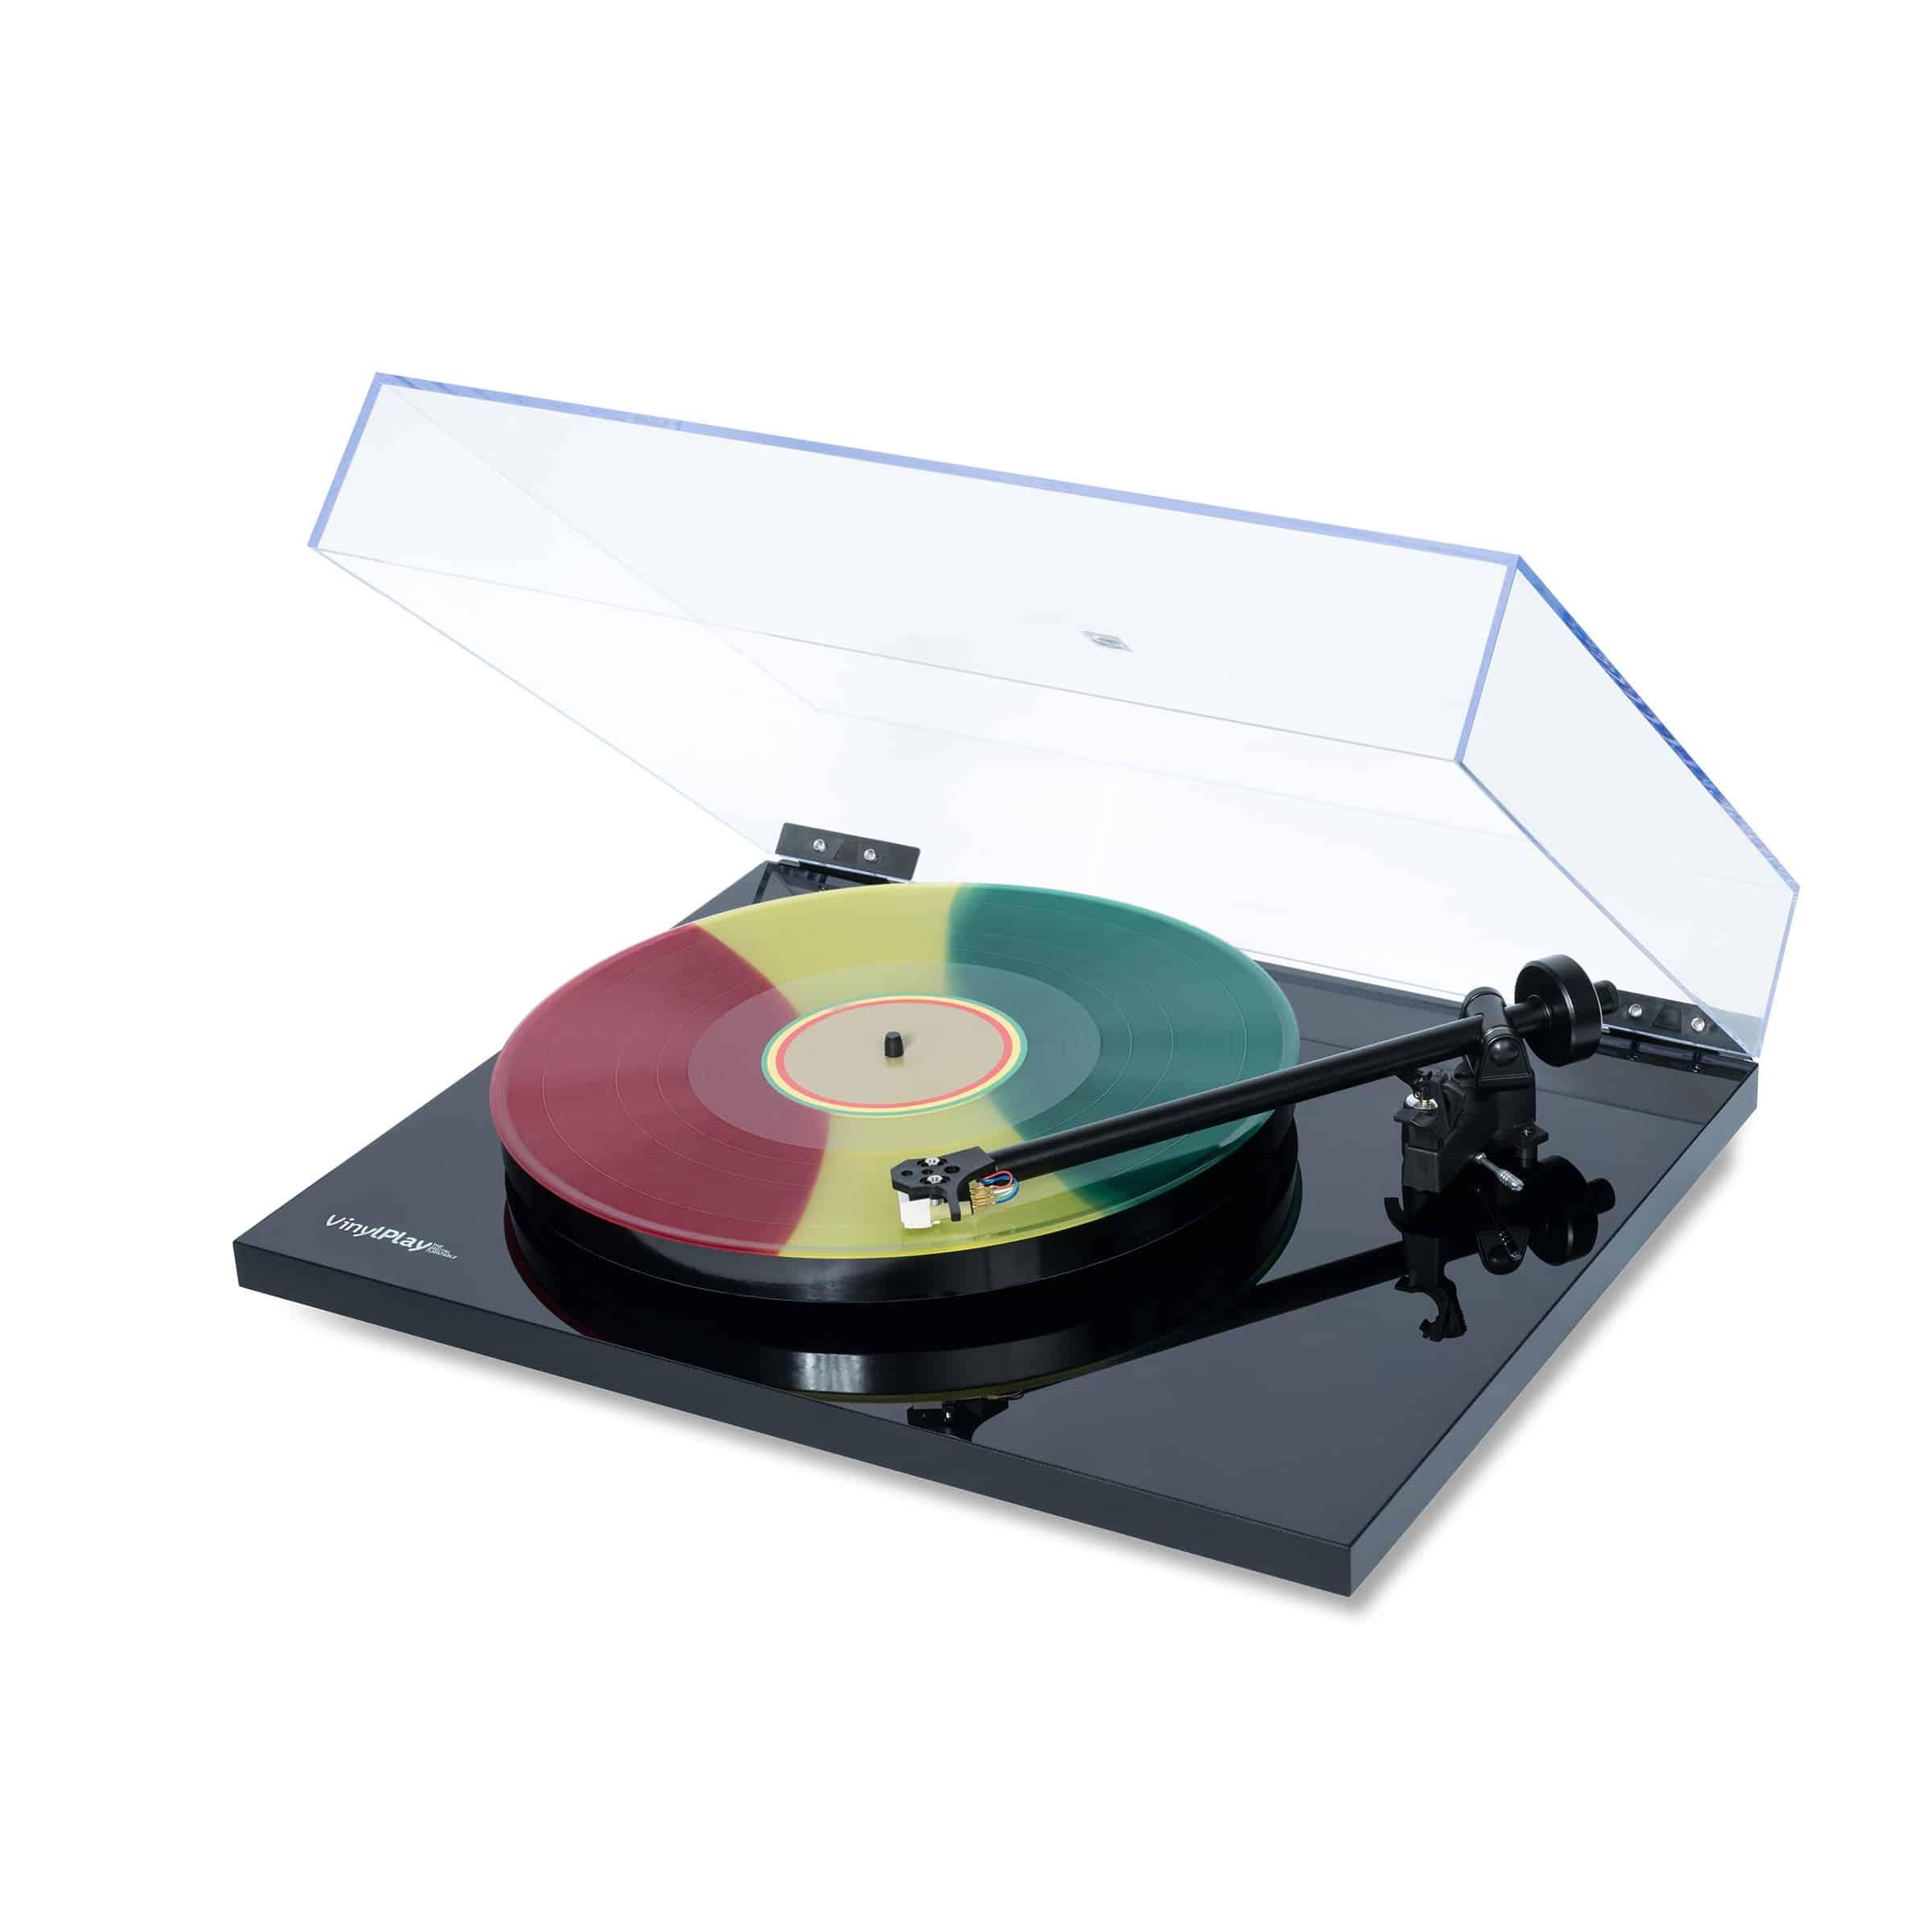 Sonos Platenspeler vinylplay zwart 4